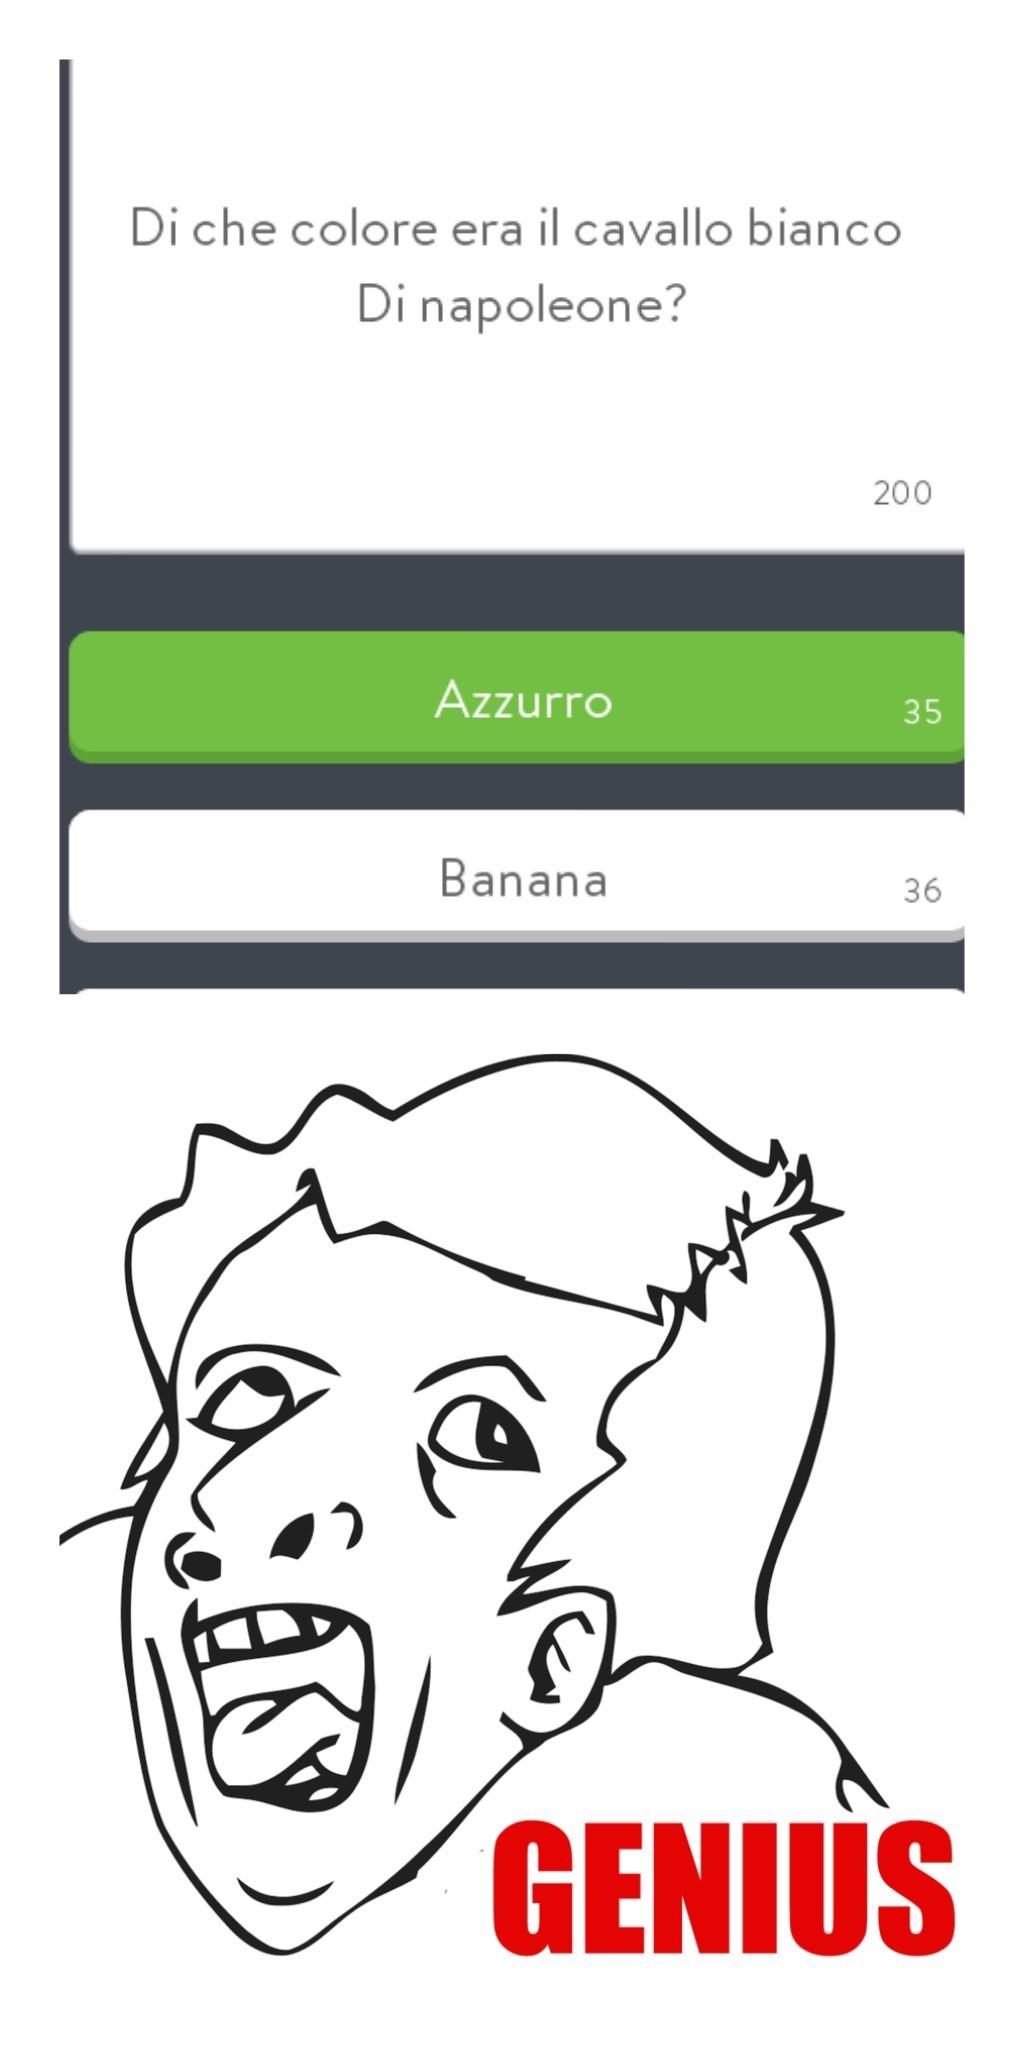 Banana XD - meme